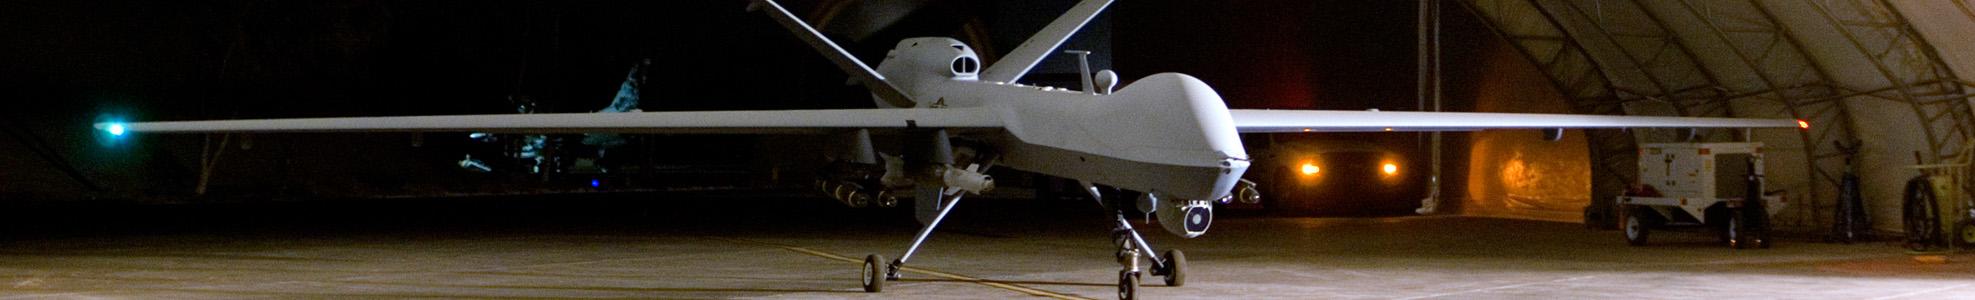 UAV sensor pod with a Laser Spot Tracker